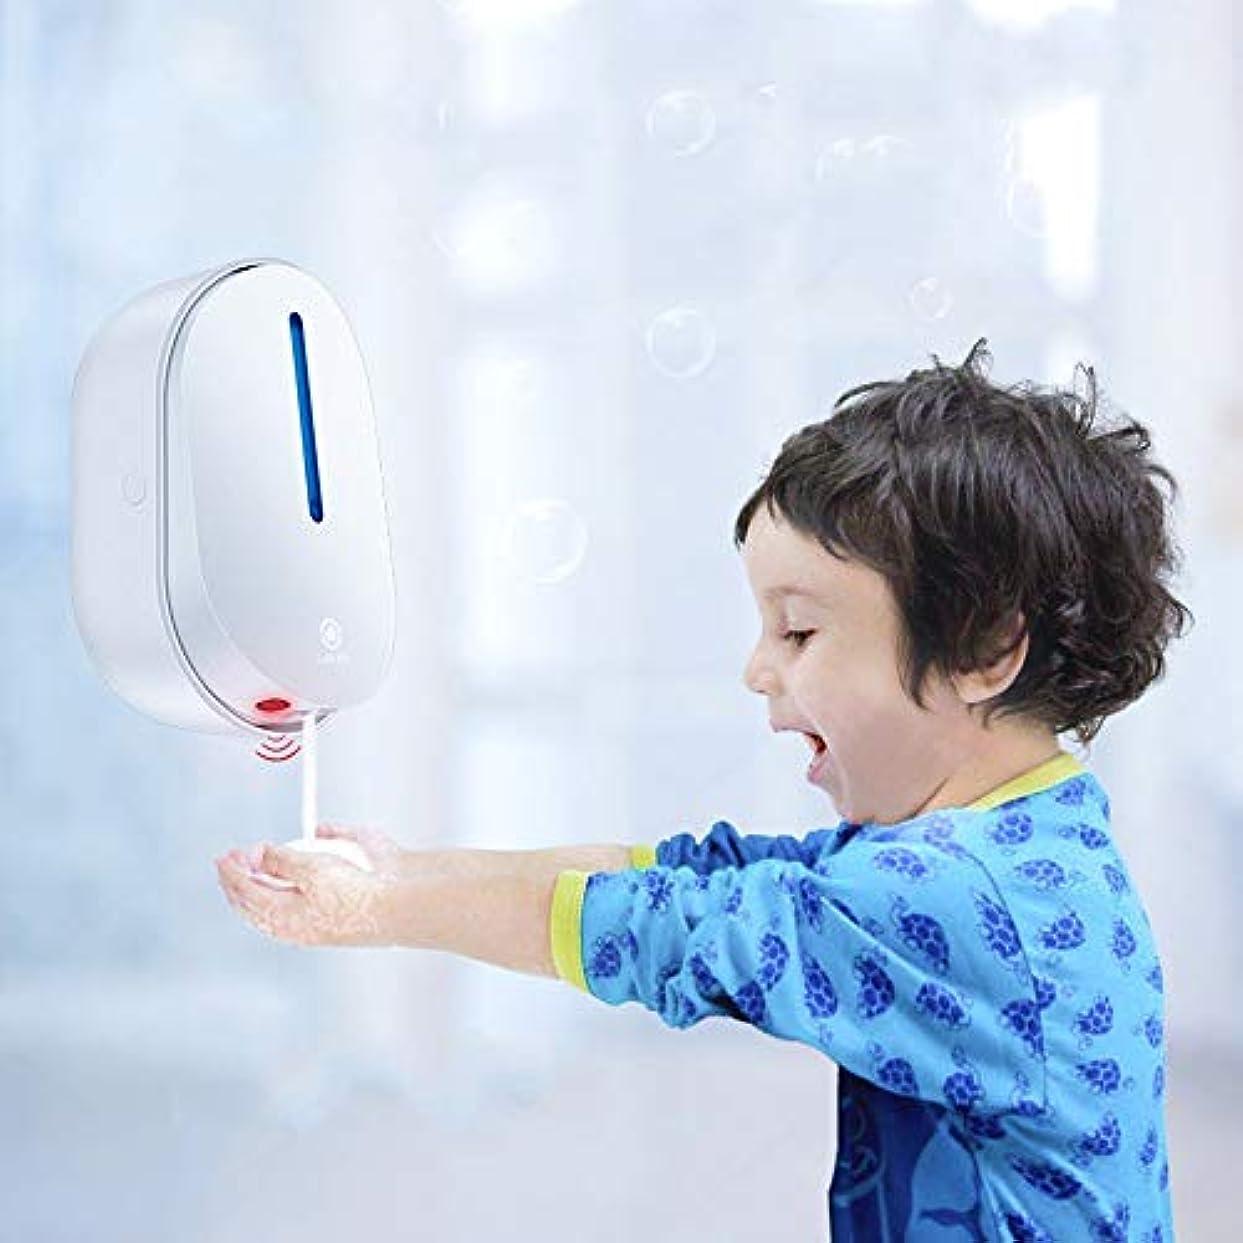 はがき量で経済ソープディスペンサー 容量500mlプレミアムタッチレスバッテリーは自動ソープディスペンサー調整可能ソープディスペンシングボリュームコントロールダイヤル運営しました ハンドソープ 食器用洗剤 キッチン 洗面所などに適用...